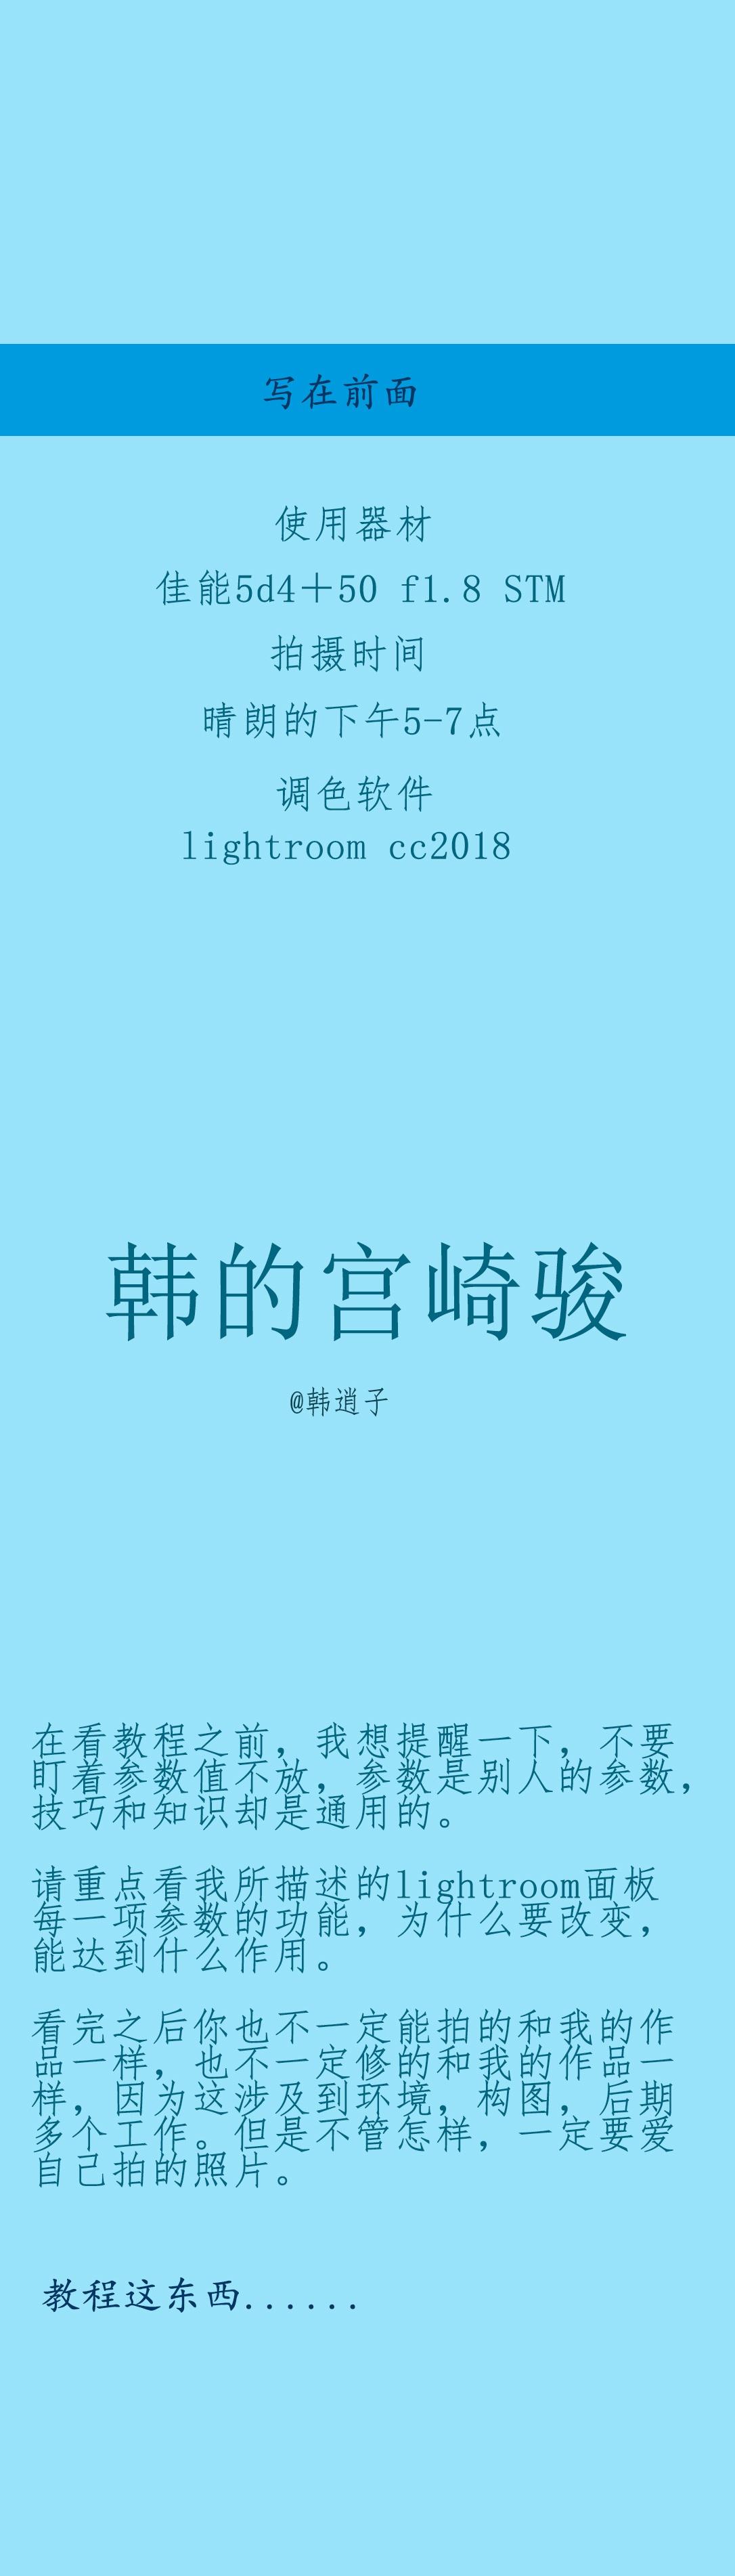 宫崎骏动漫风调色教程作者@韩逍子